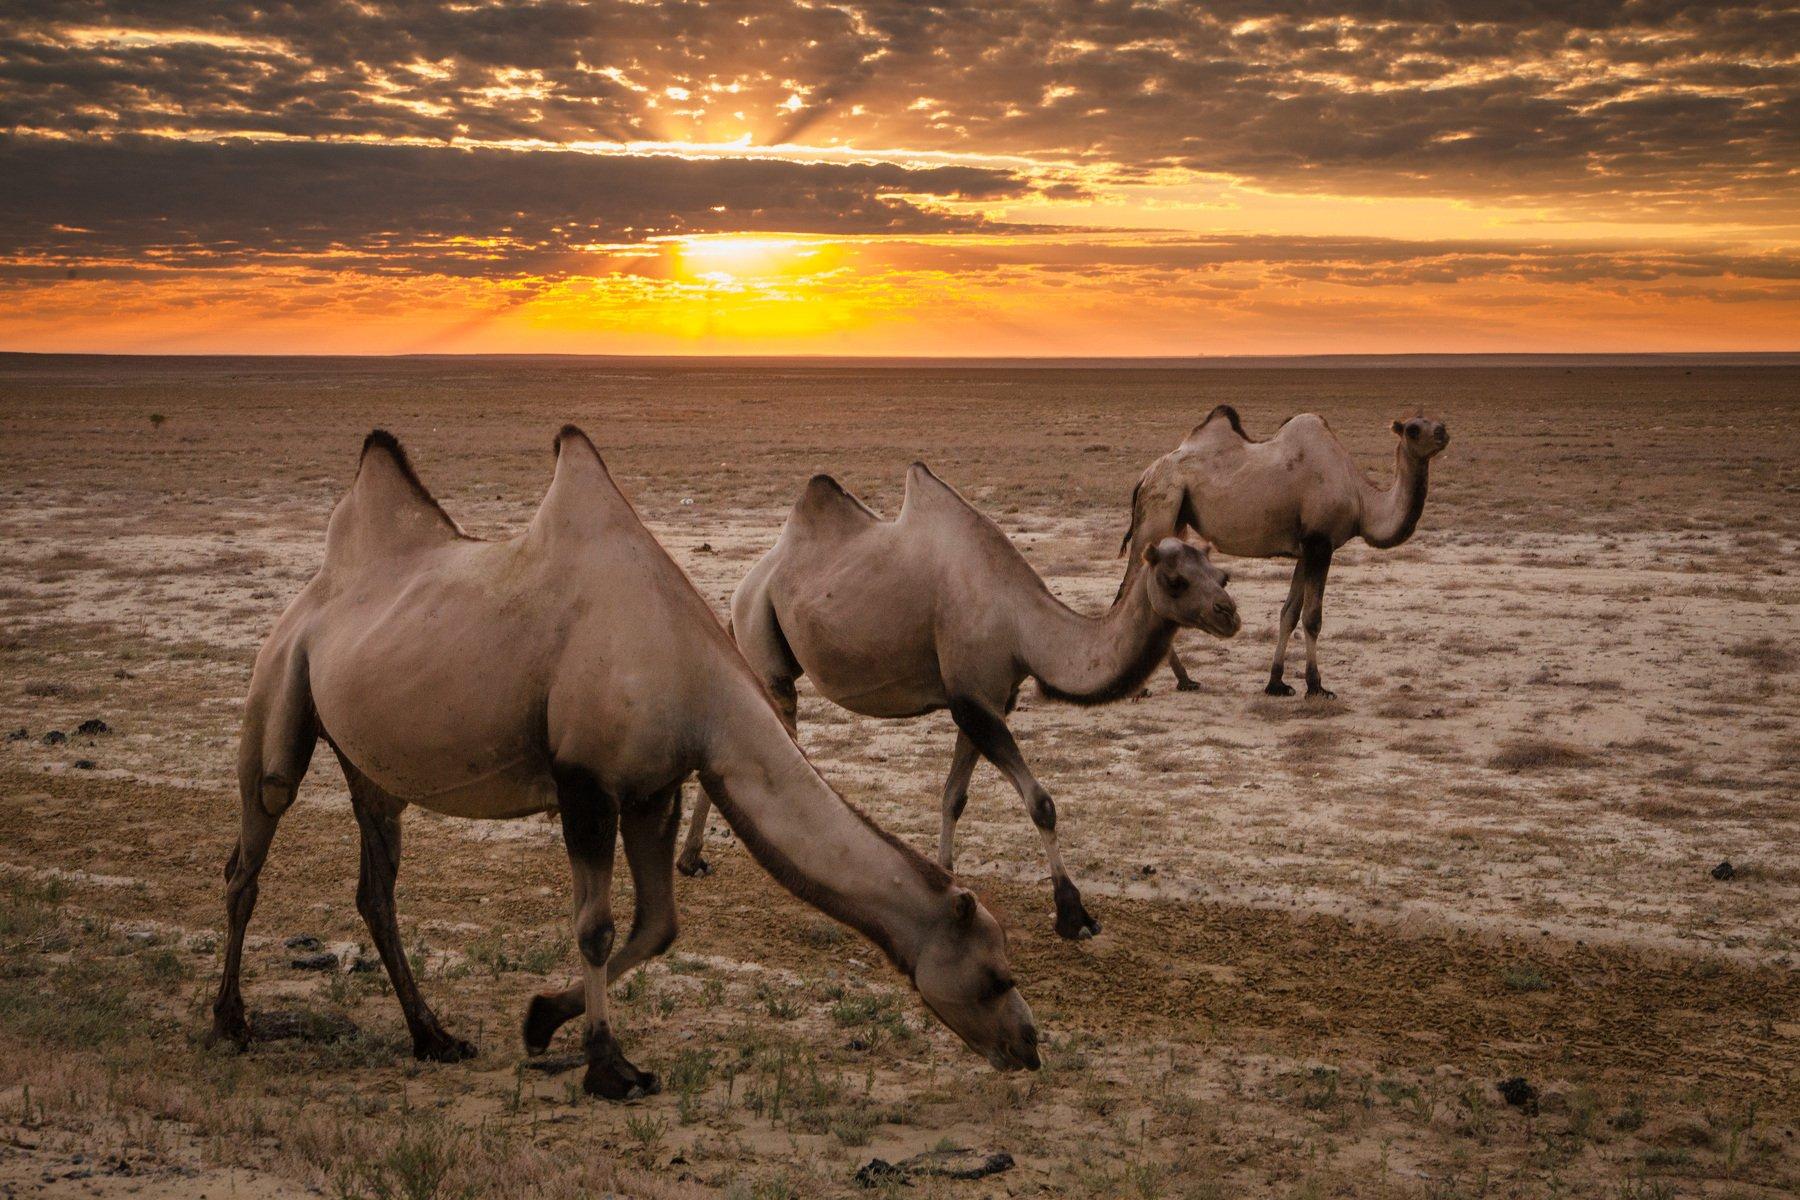 рассвет, солнце, утро, пустыня, верблюды, песок, Иван Куликов